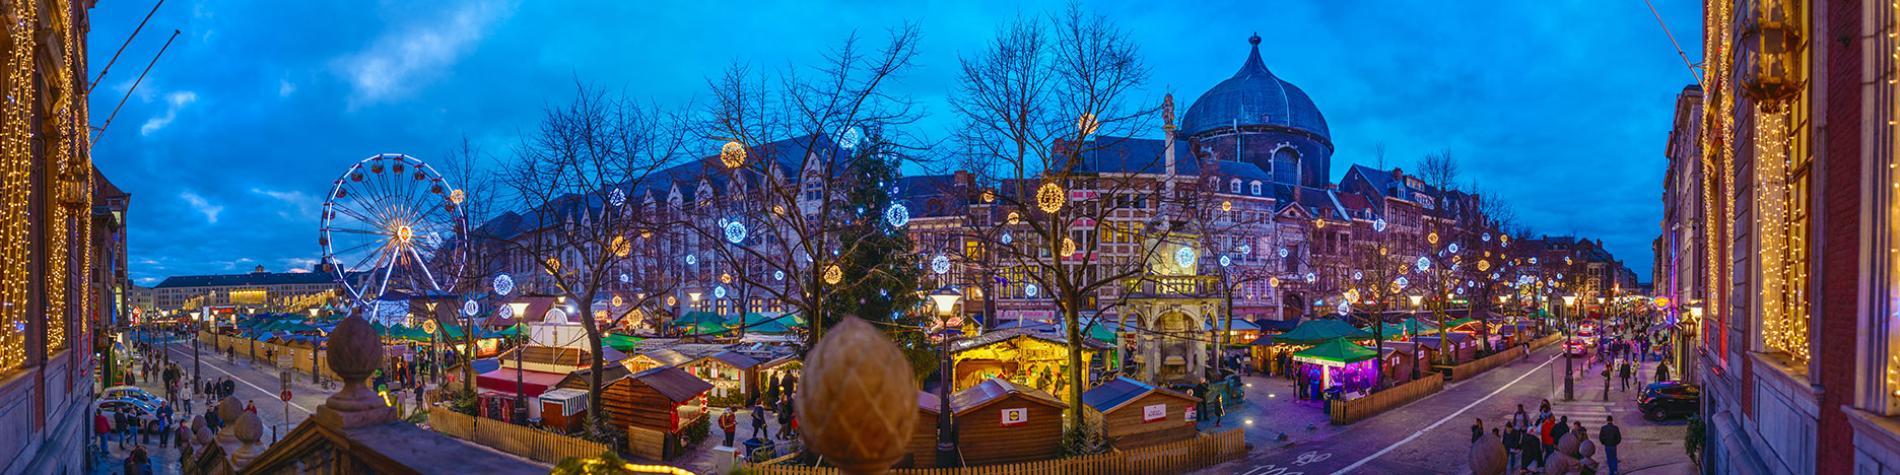 Village de Noël - Liège